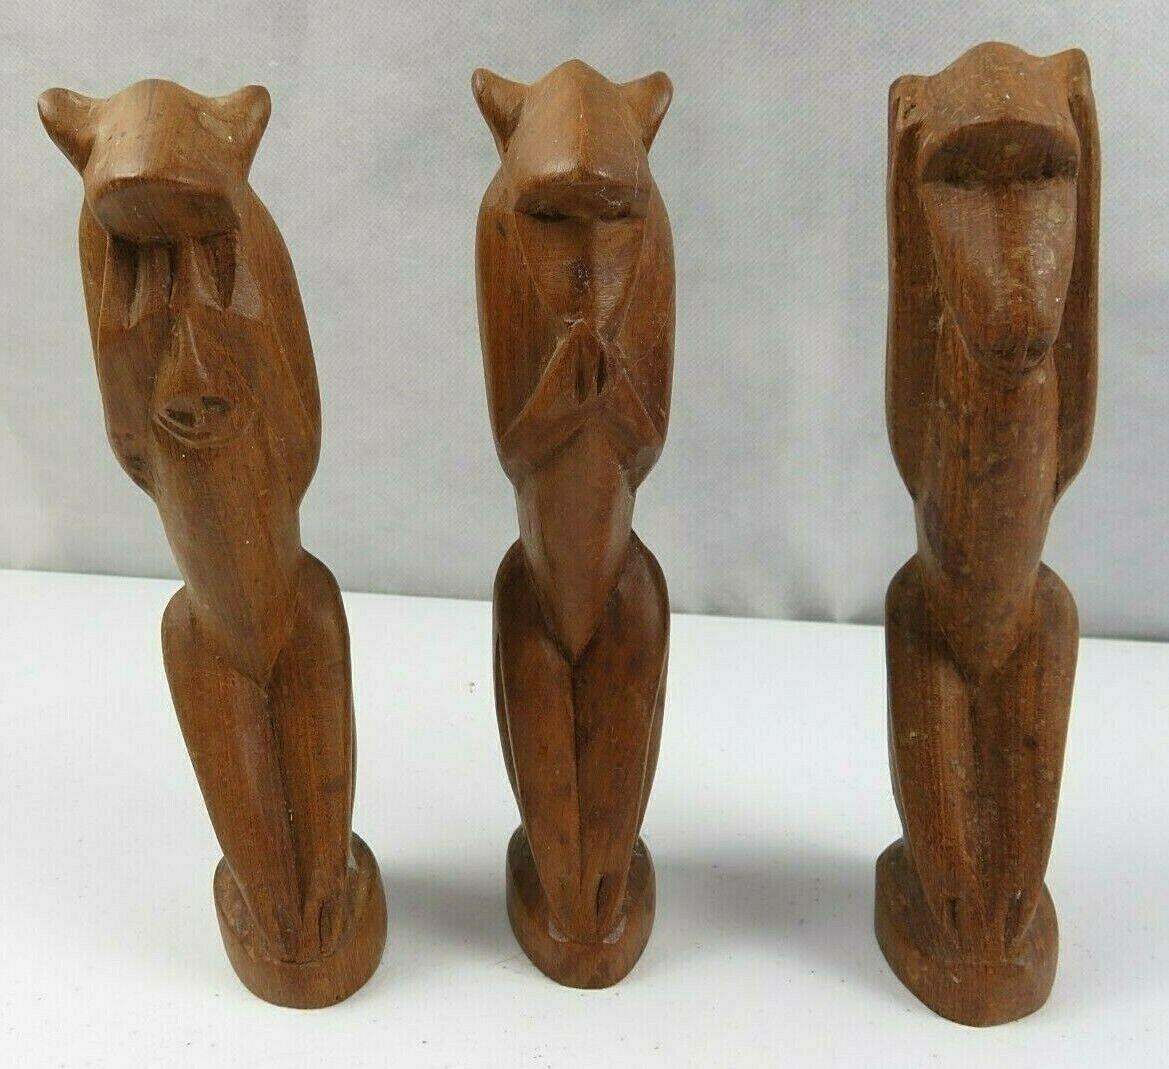 Lot of 3 Vintage African Wood Hand Carved Monkeys Figure See Hear Speak No Evil